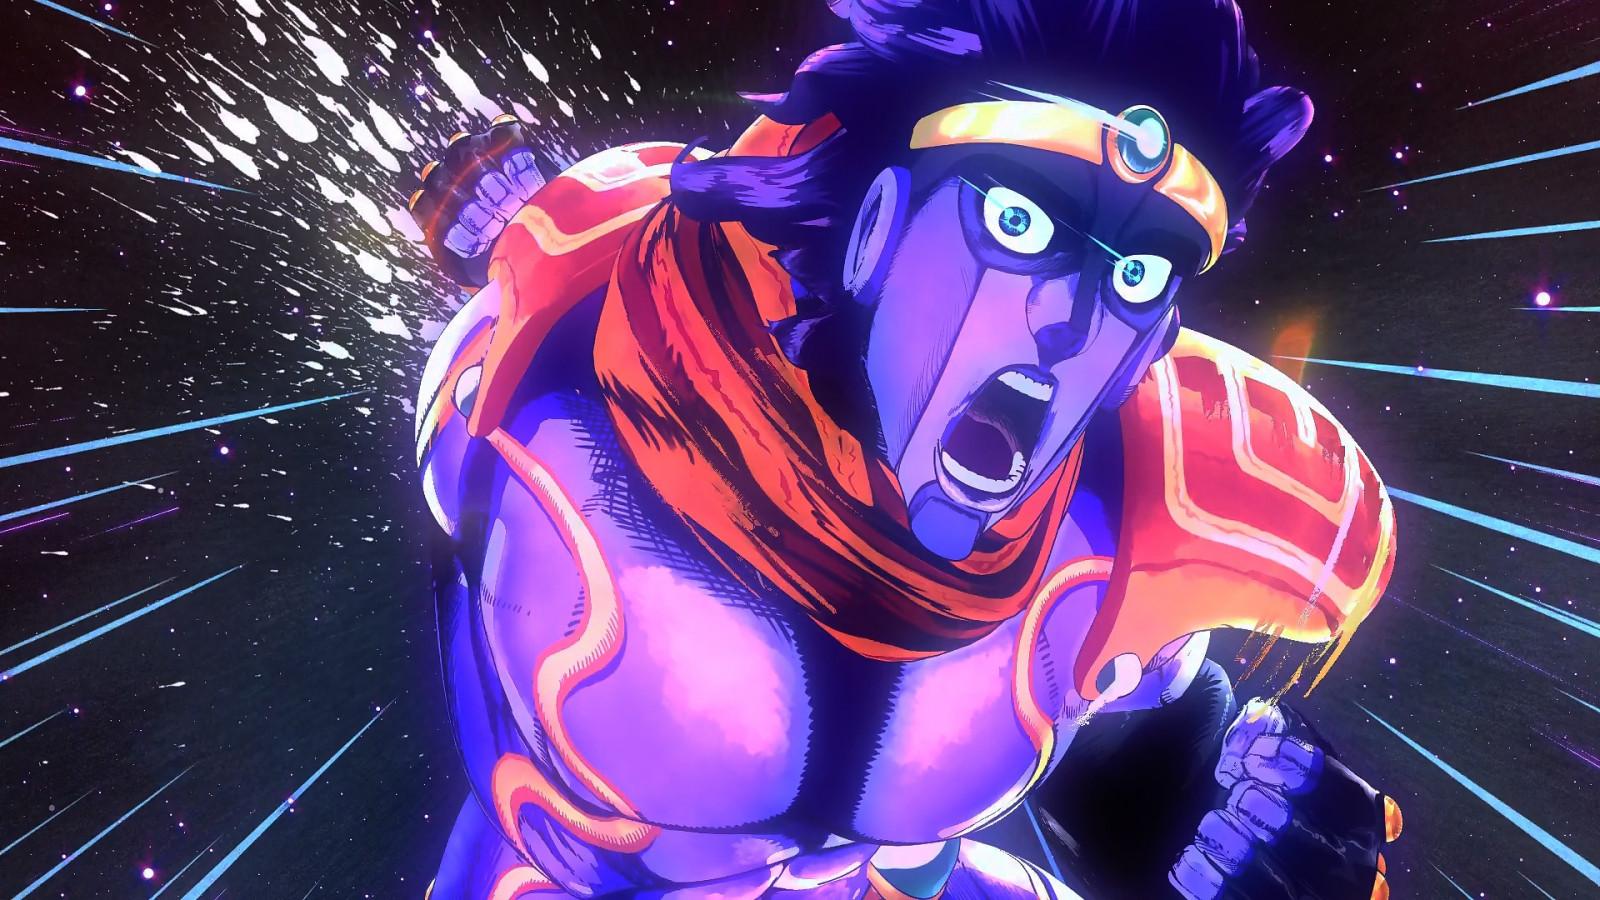 Fond d'écran : Anime, Jojo's Bizarre Adventure, Star Platinum, capture d'écran, Papier peint de ...